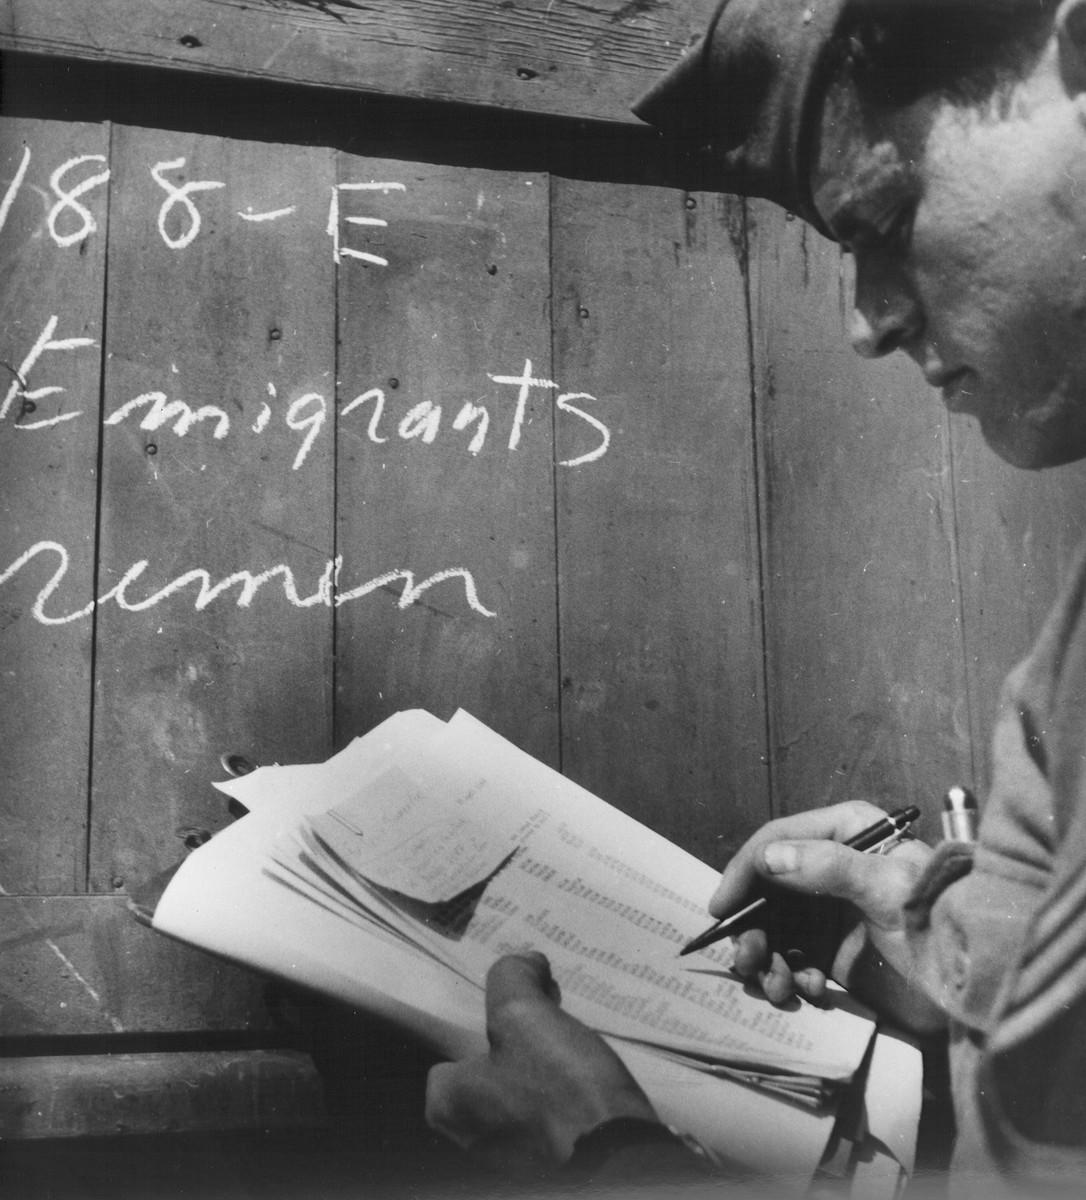 An UNRRA worker checks an emigration list.